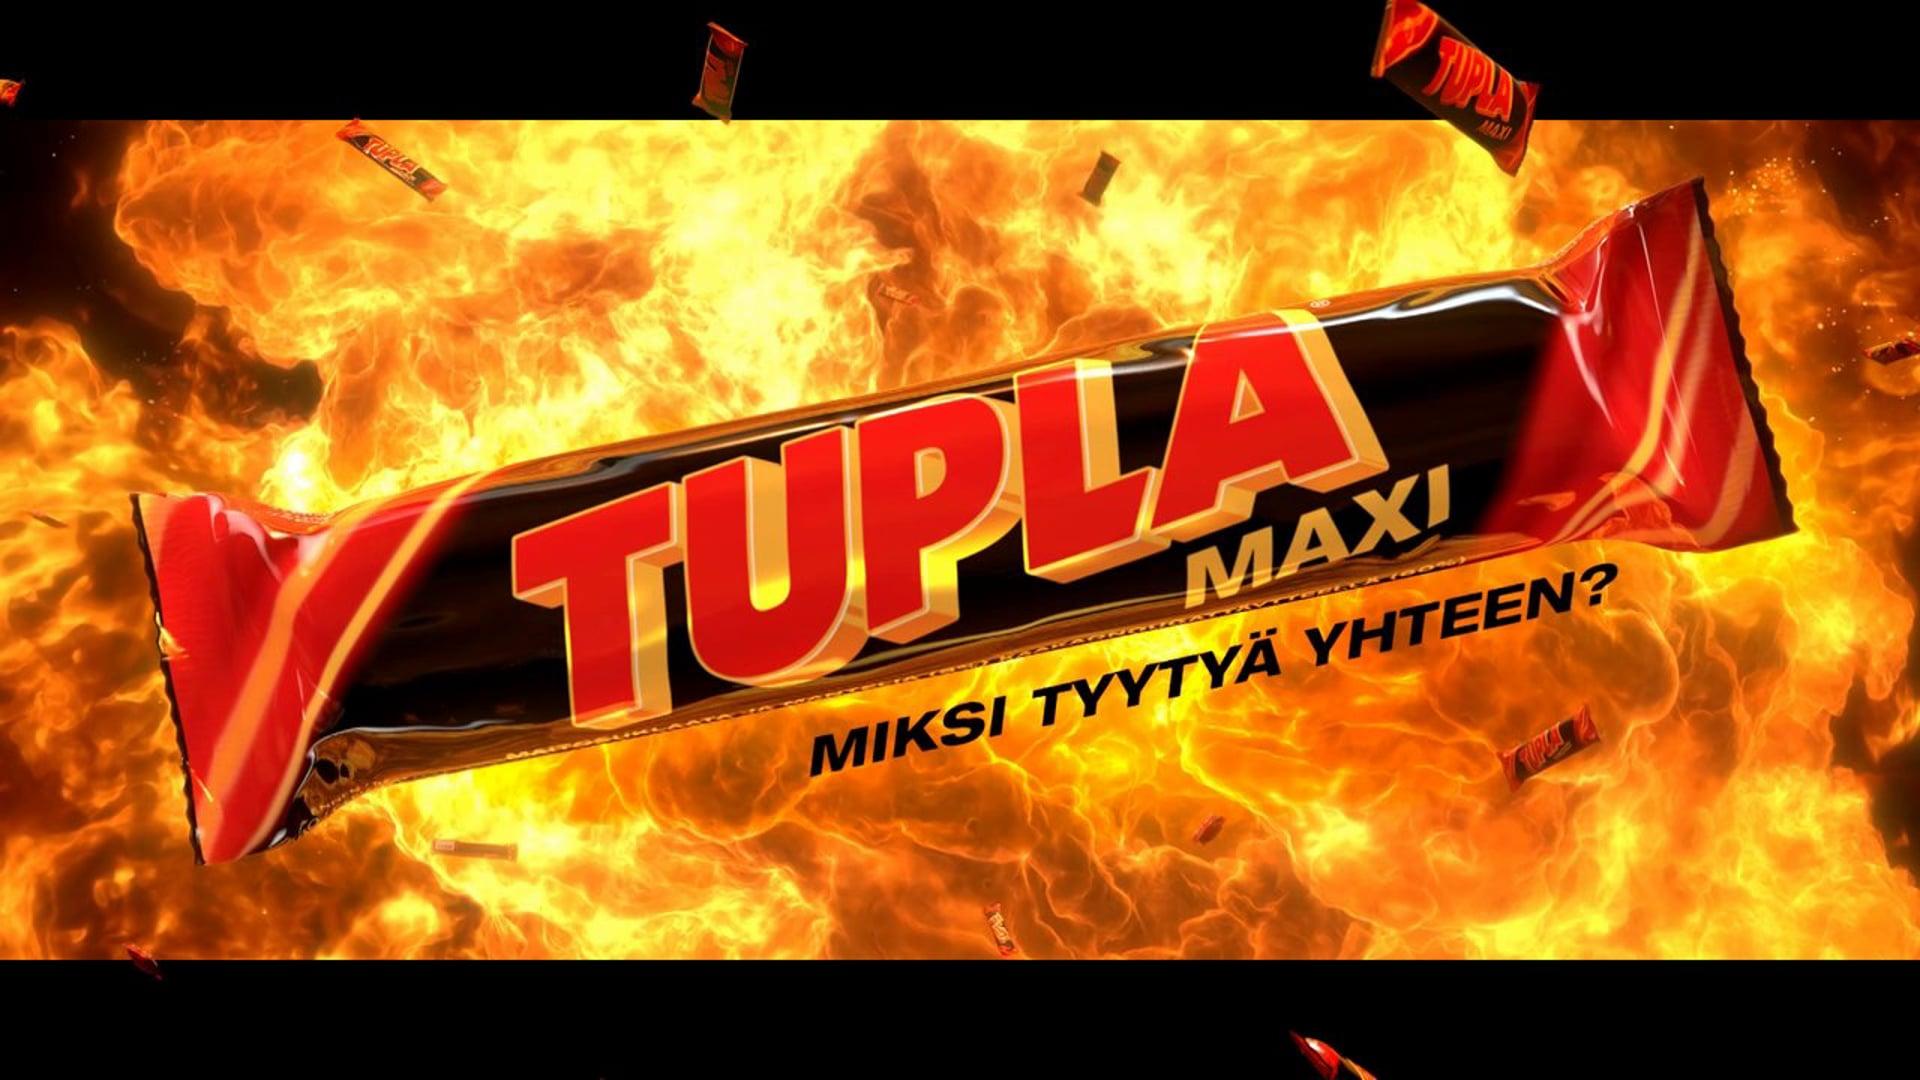 Tupla - Explosion